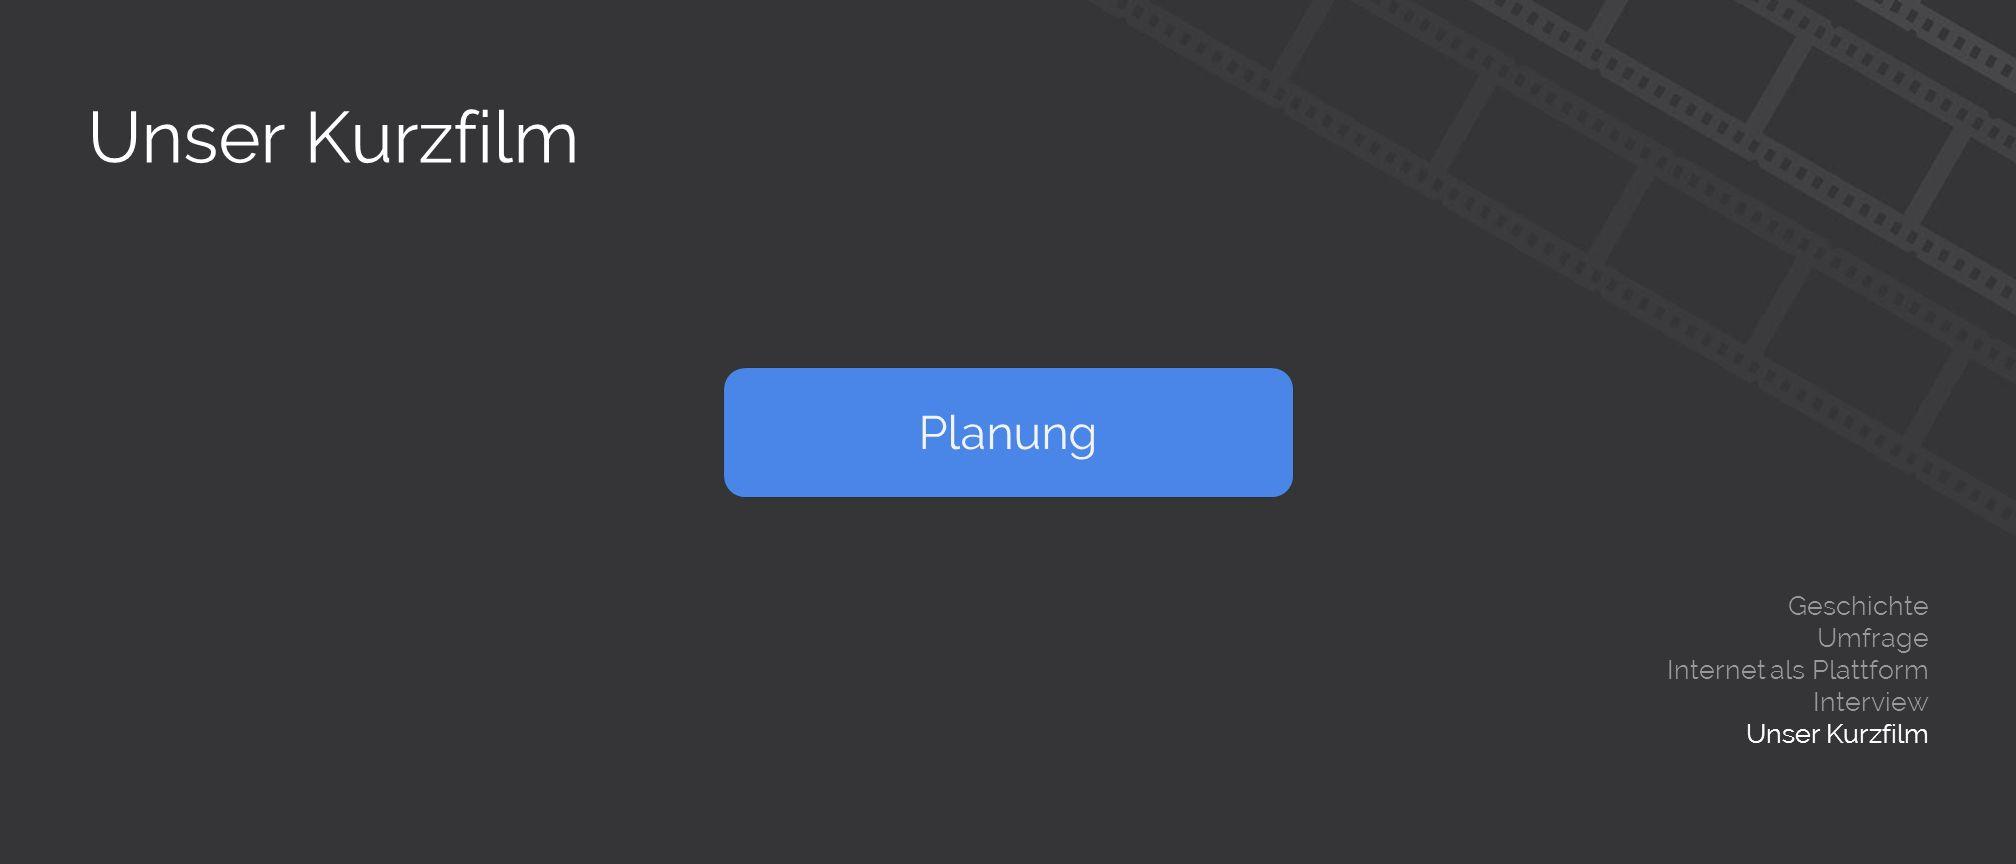 Unser Kurzfilm Geschichte Umfrage Internet als Plattform Interview Unser Kurzfilm Planung